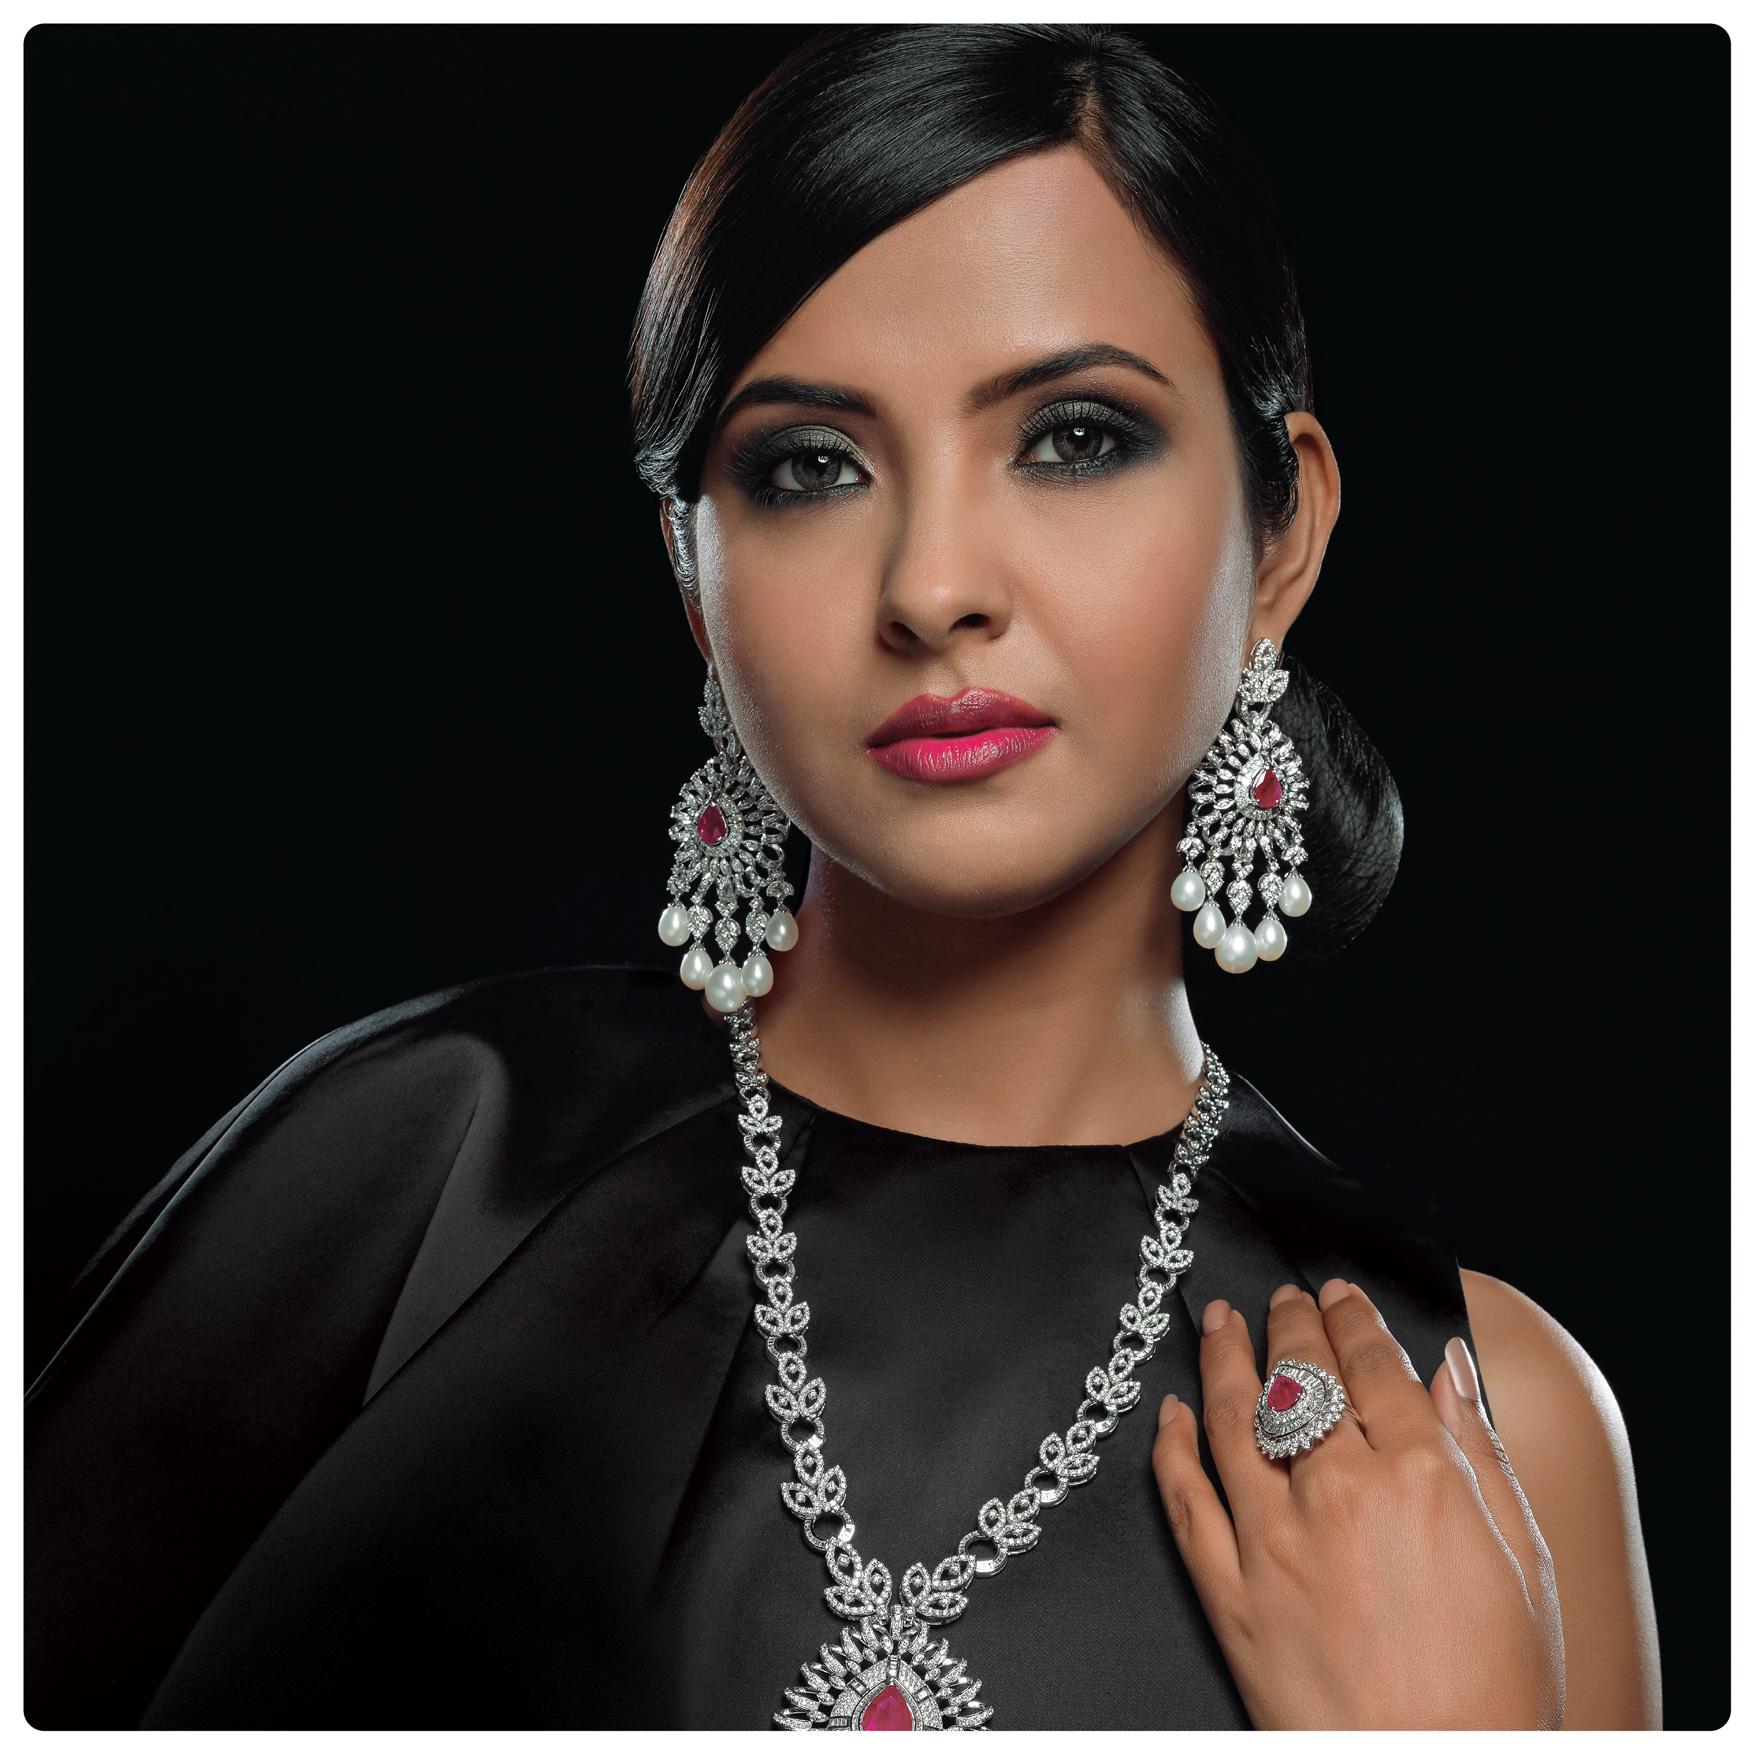 jasani, iba by jasani, jasani jewel, diamond jewellery, mumbai, diamond jewellery on model, jewellery photoshoot